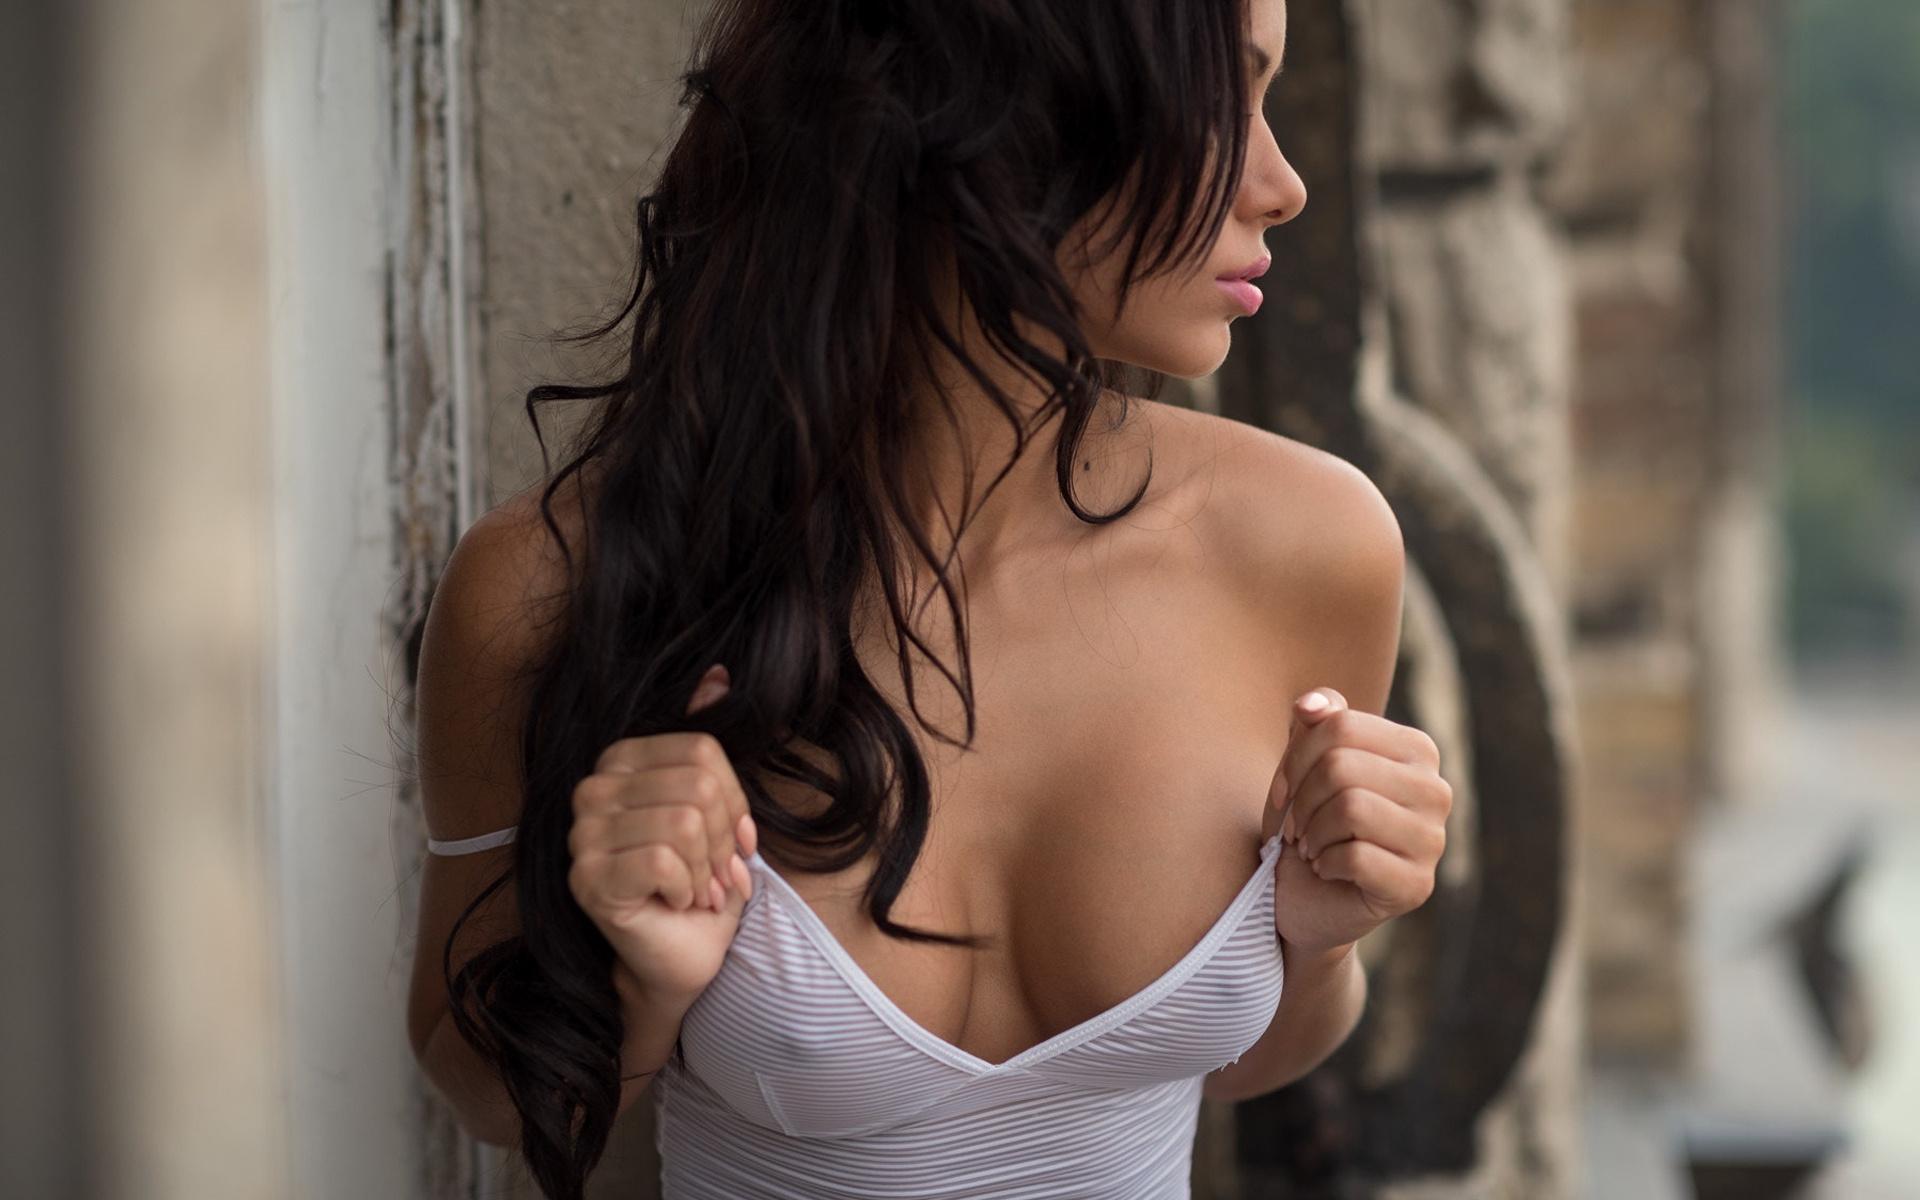 soblaznitelnaya-grud-foto-golie-popki-chulkah-striptiz